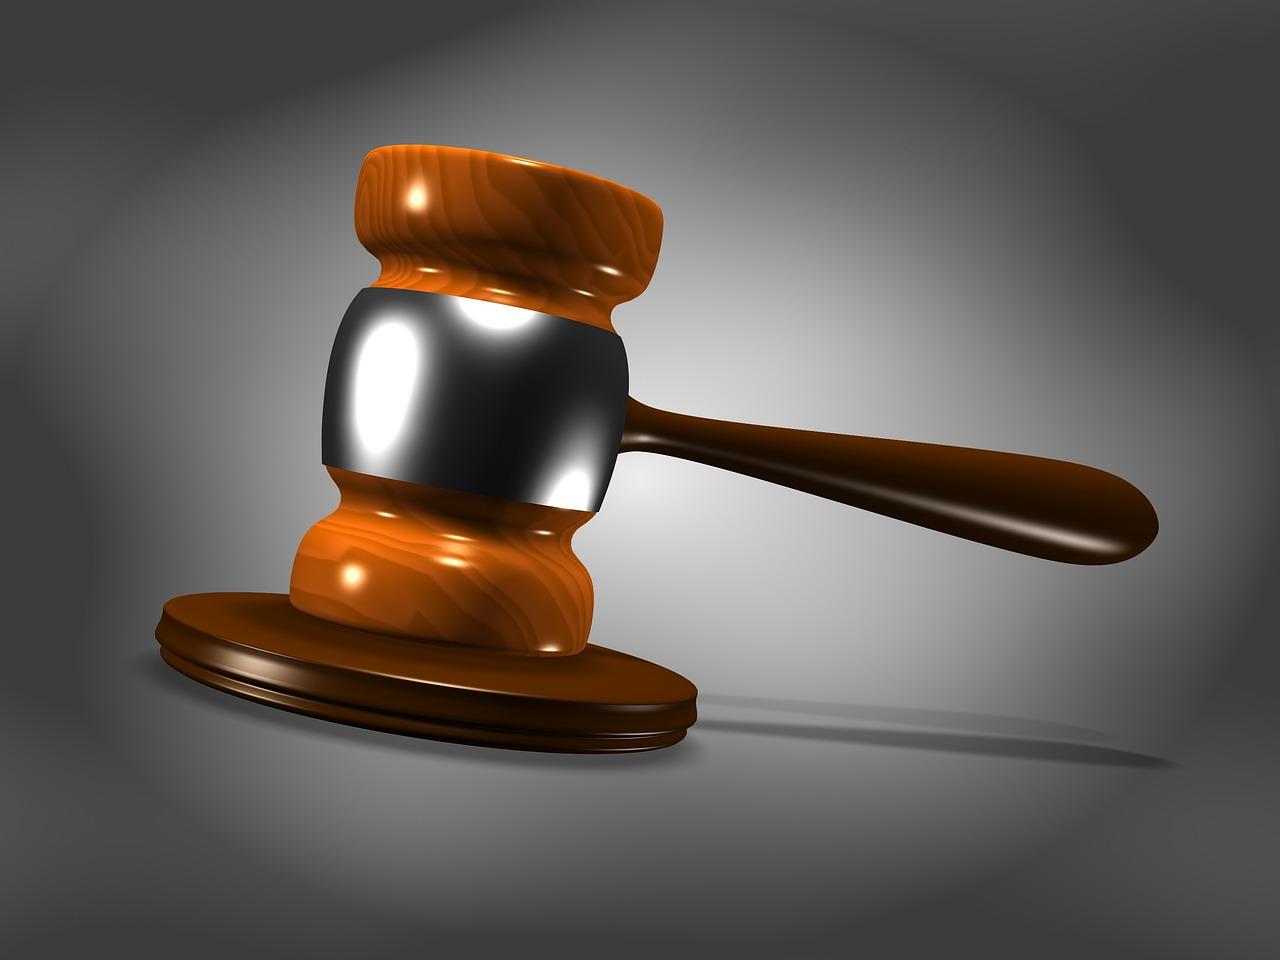 Czy warto korzystać z adwokata? Usługi prawne i adwokackie – sprawdzony adwokat z Warszawy